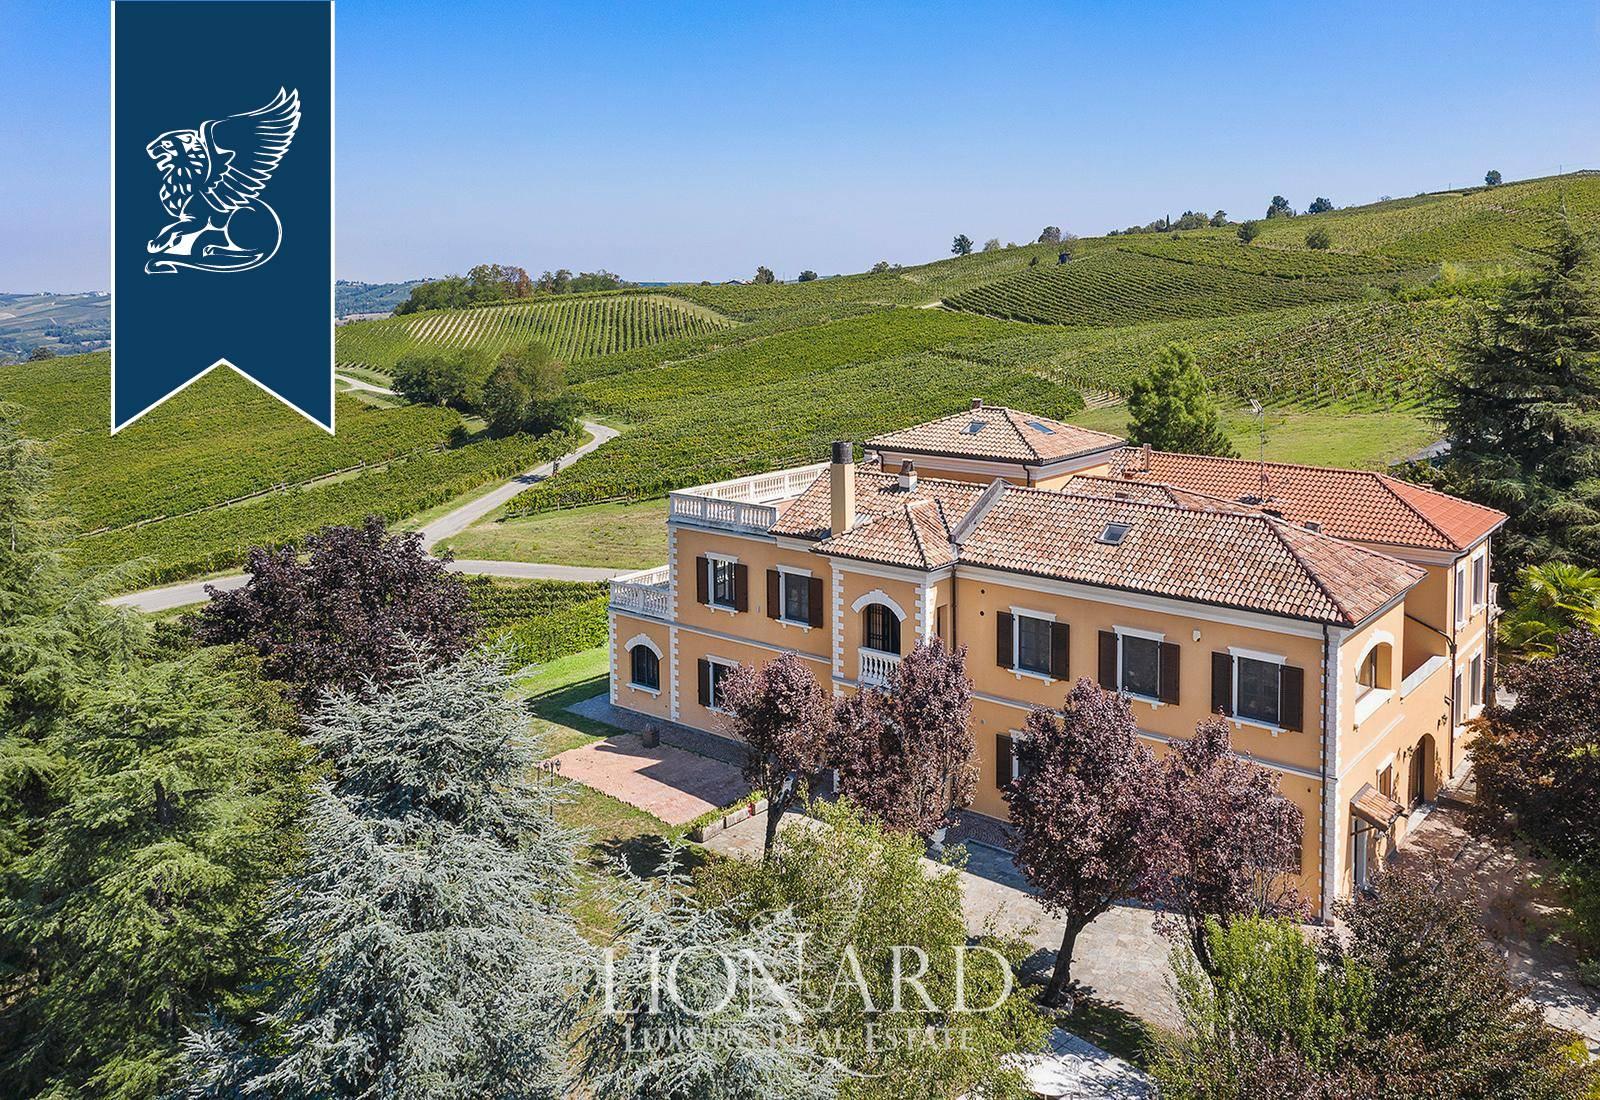 Villa in Vendita a Montecalvo Versiggia: 0 locali, 1370 mq - Foto 5